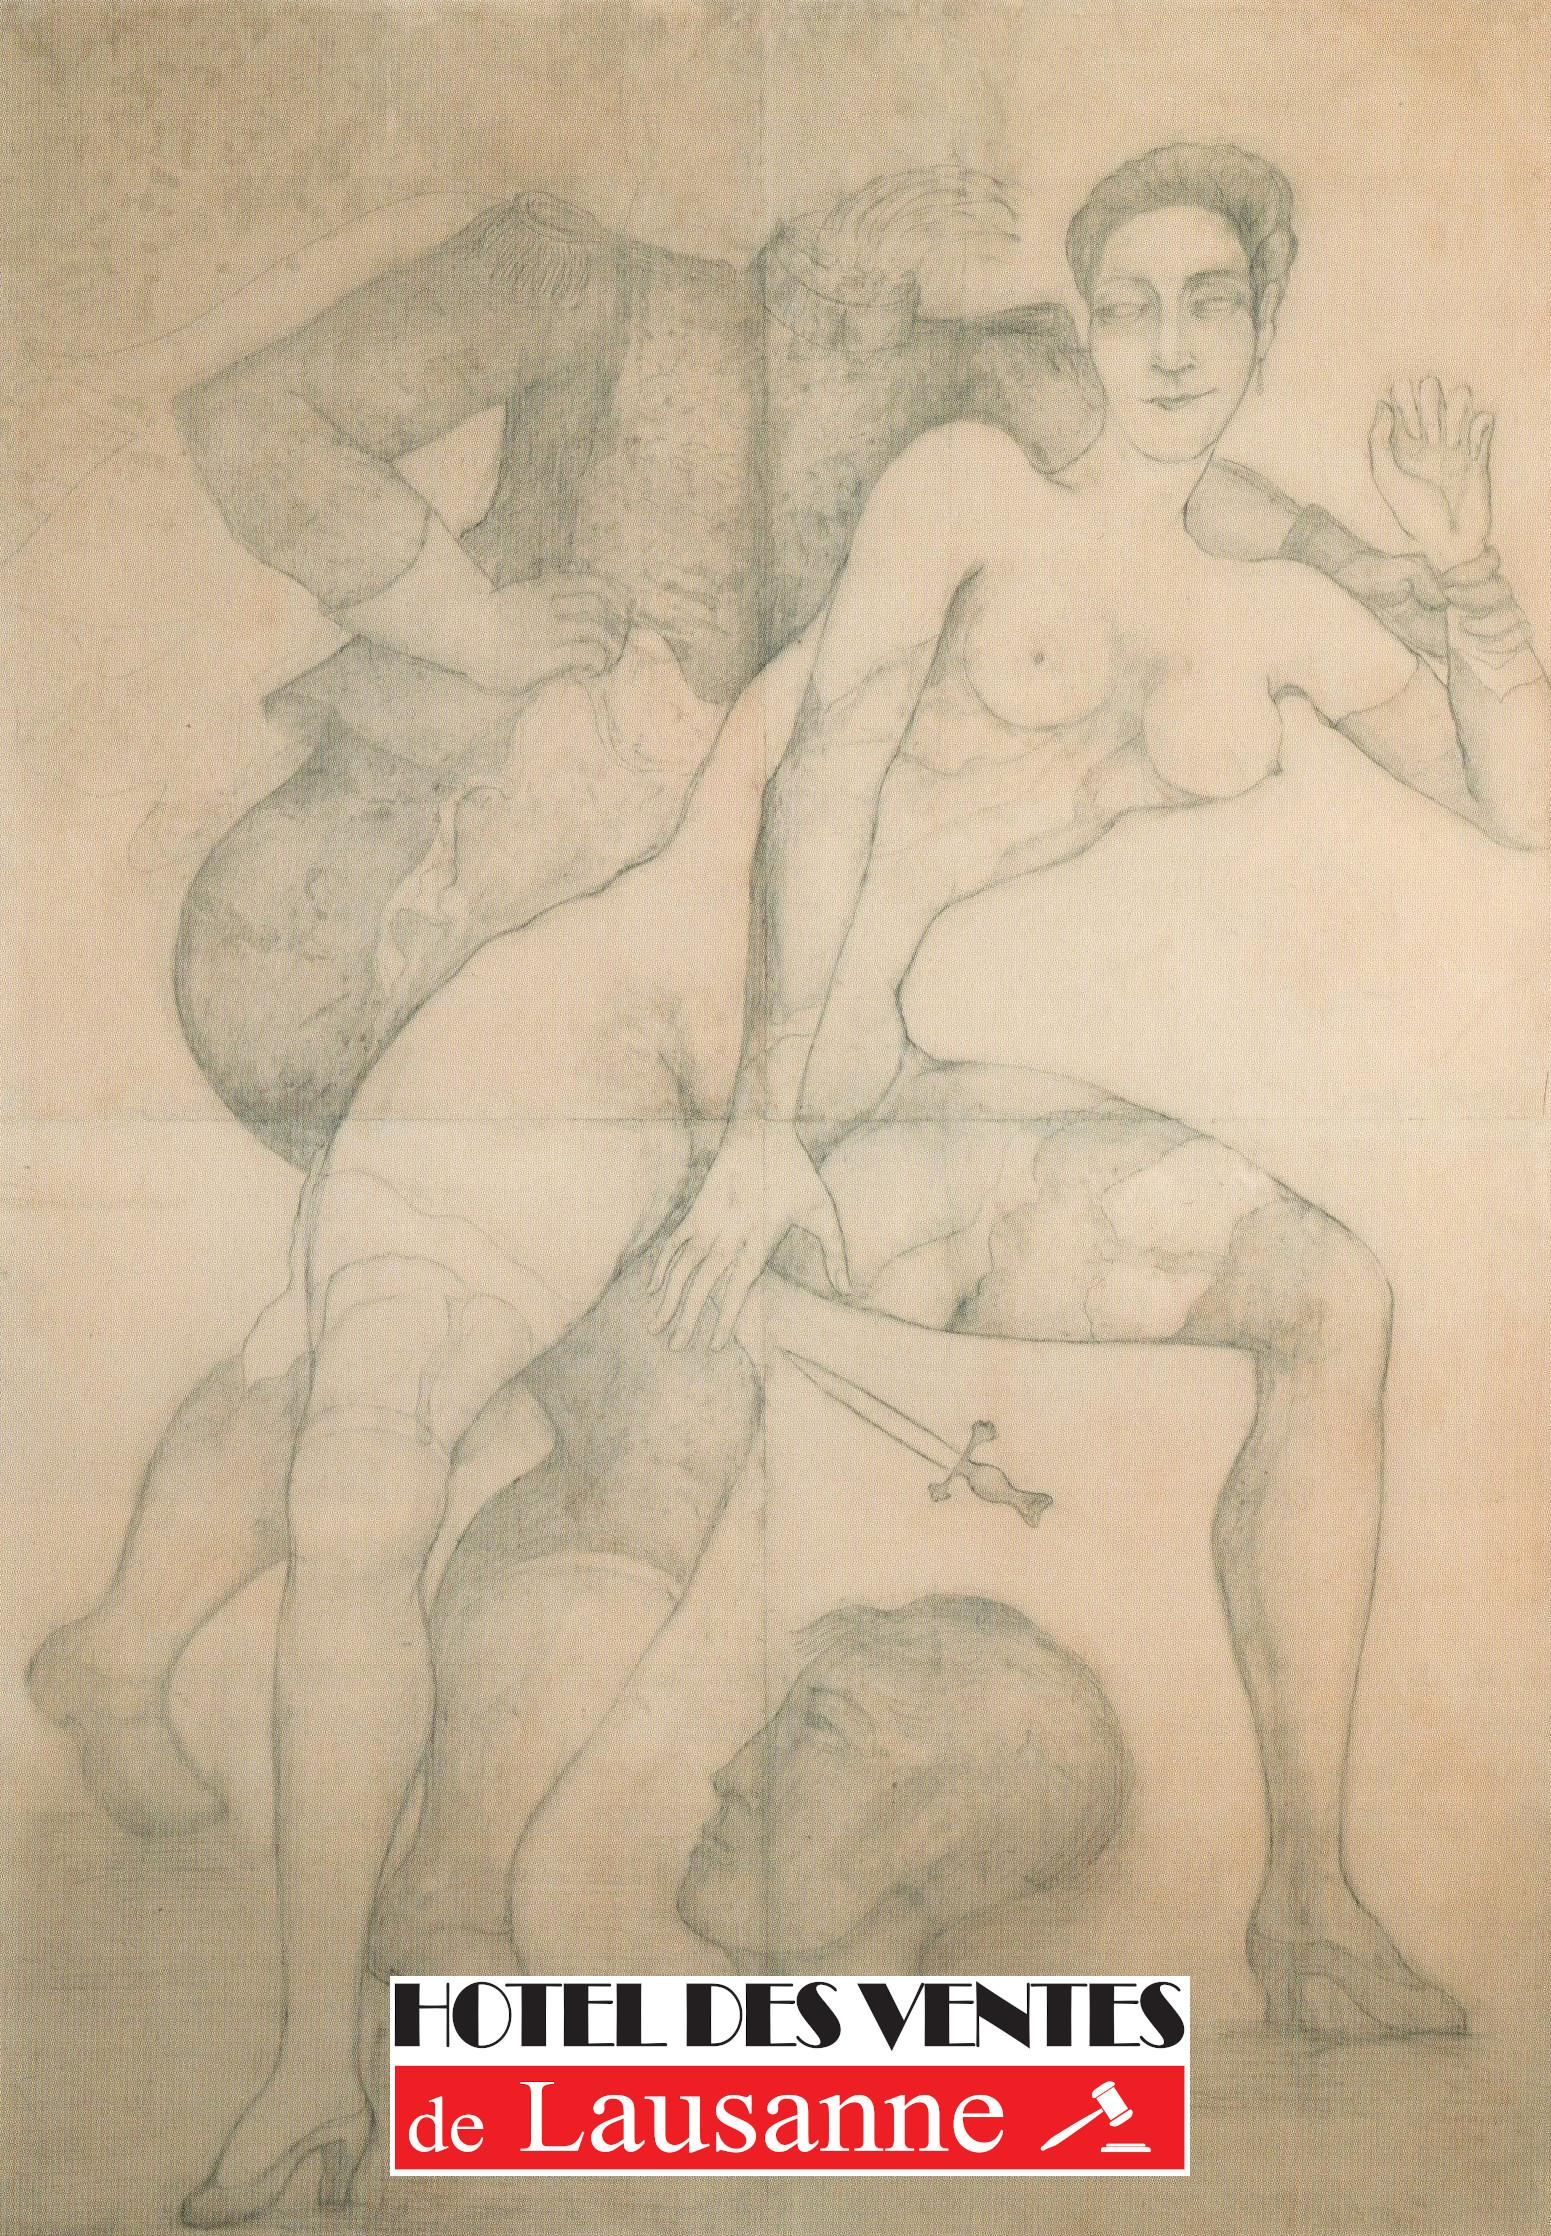 Auction Succession Volta : Dada-Tzara, Tableaux, Klossowski, Arts Premiers (139 lots), Photos, Art 1900-1930, Bijoux at Hôtel des Ventes de Lausanne SA : 233 lots